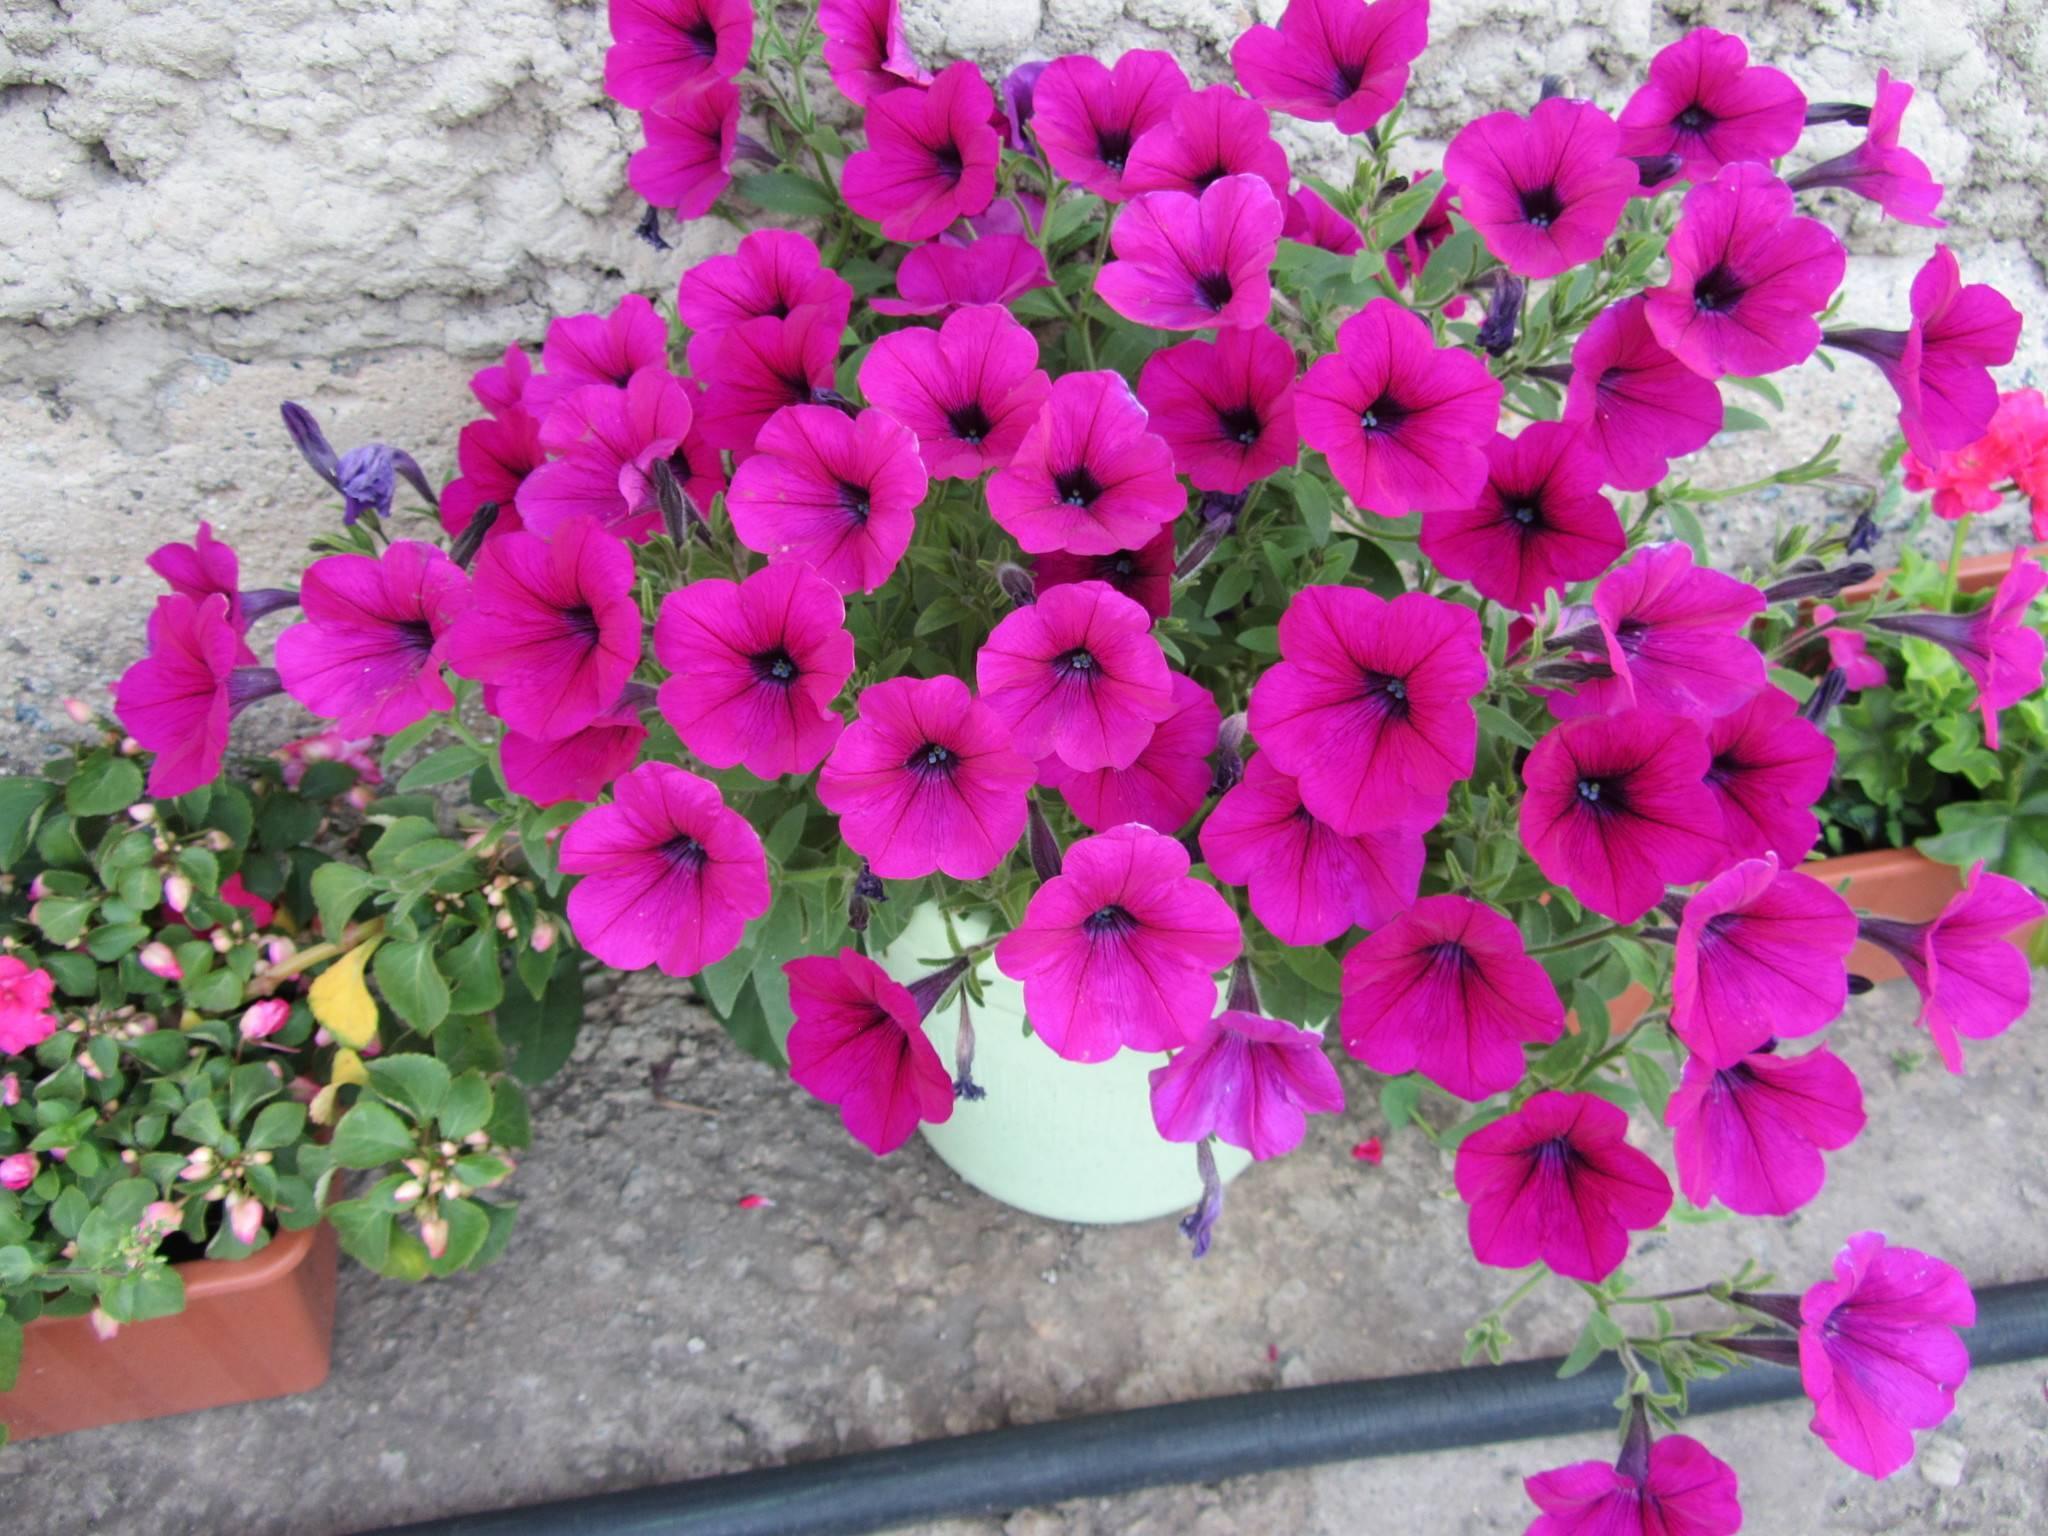 Петунии ампельная и каскадная: отличия видов, фото растений, а также чем уникален каждый цветок, как ухаживать за ними, каким образом сделать правильный выбор?